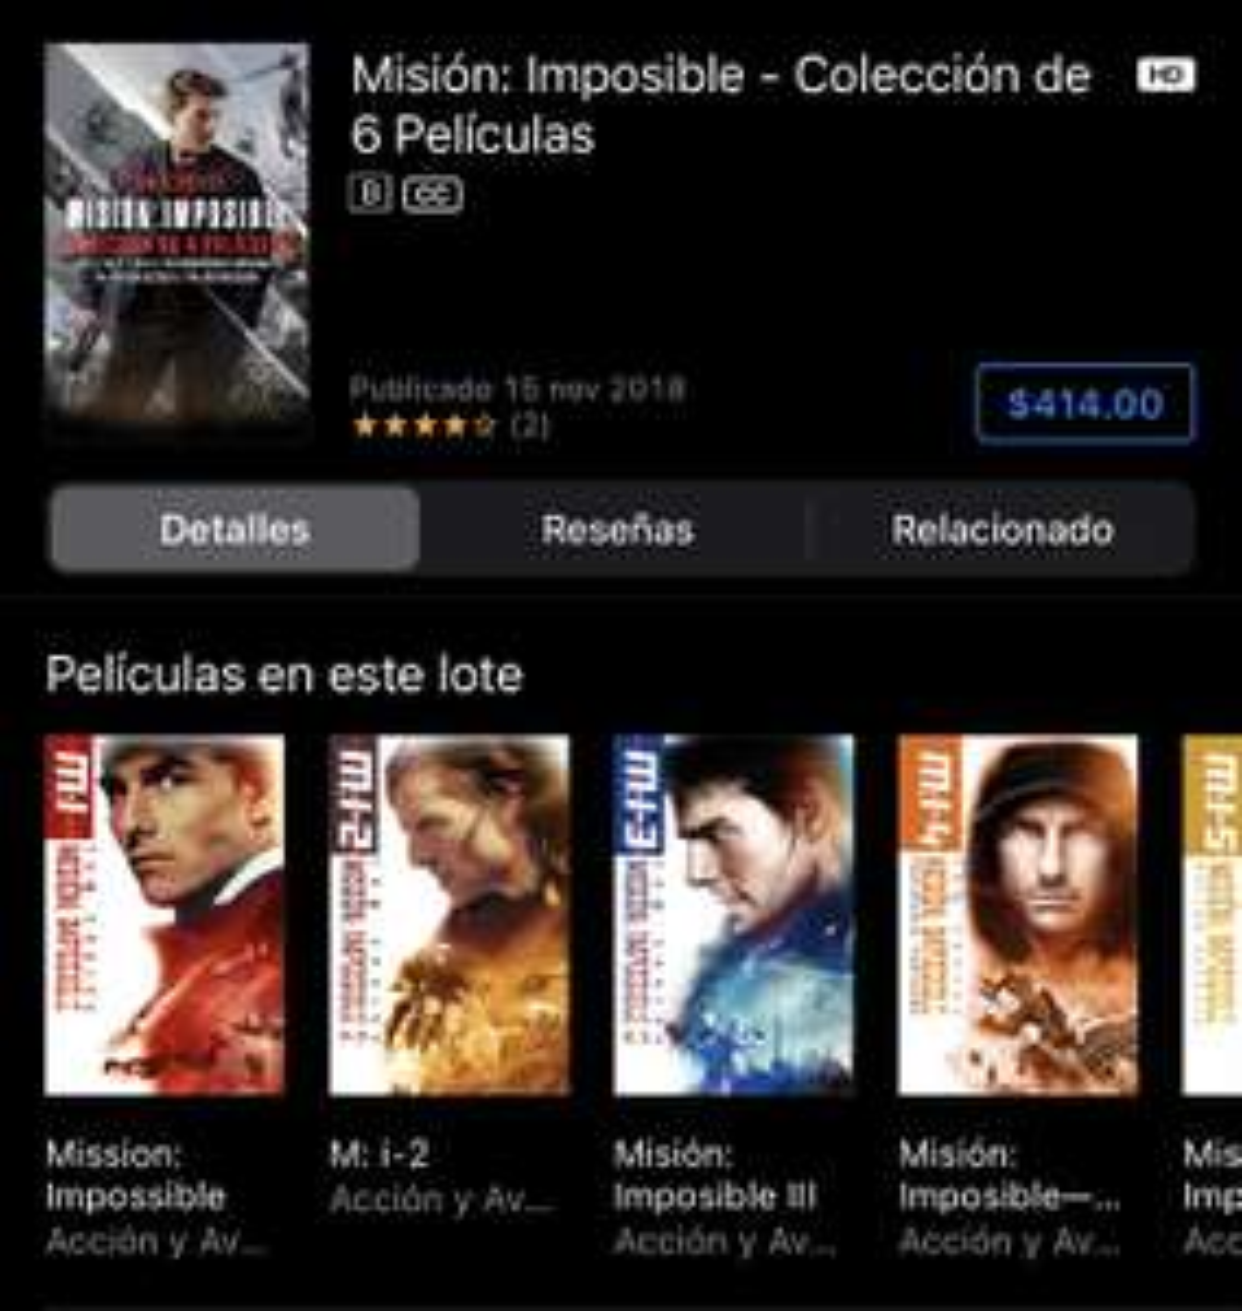 iTunes: Misión: Imposible - Colección de 6 Películas o c/u por $69 4K + Dolby Vision + iTunes Extras